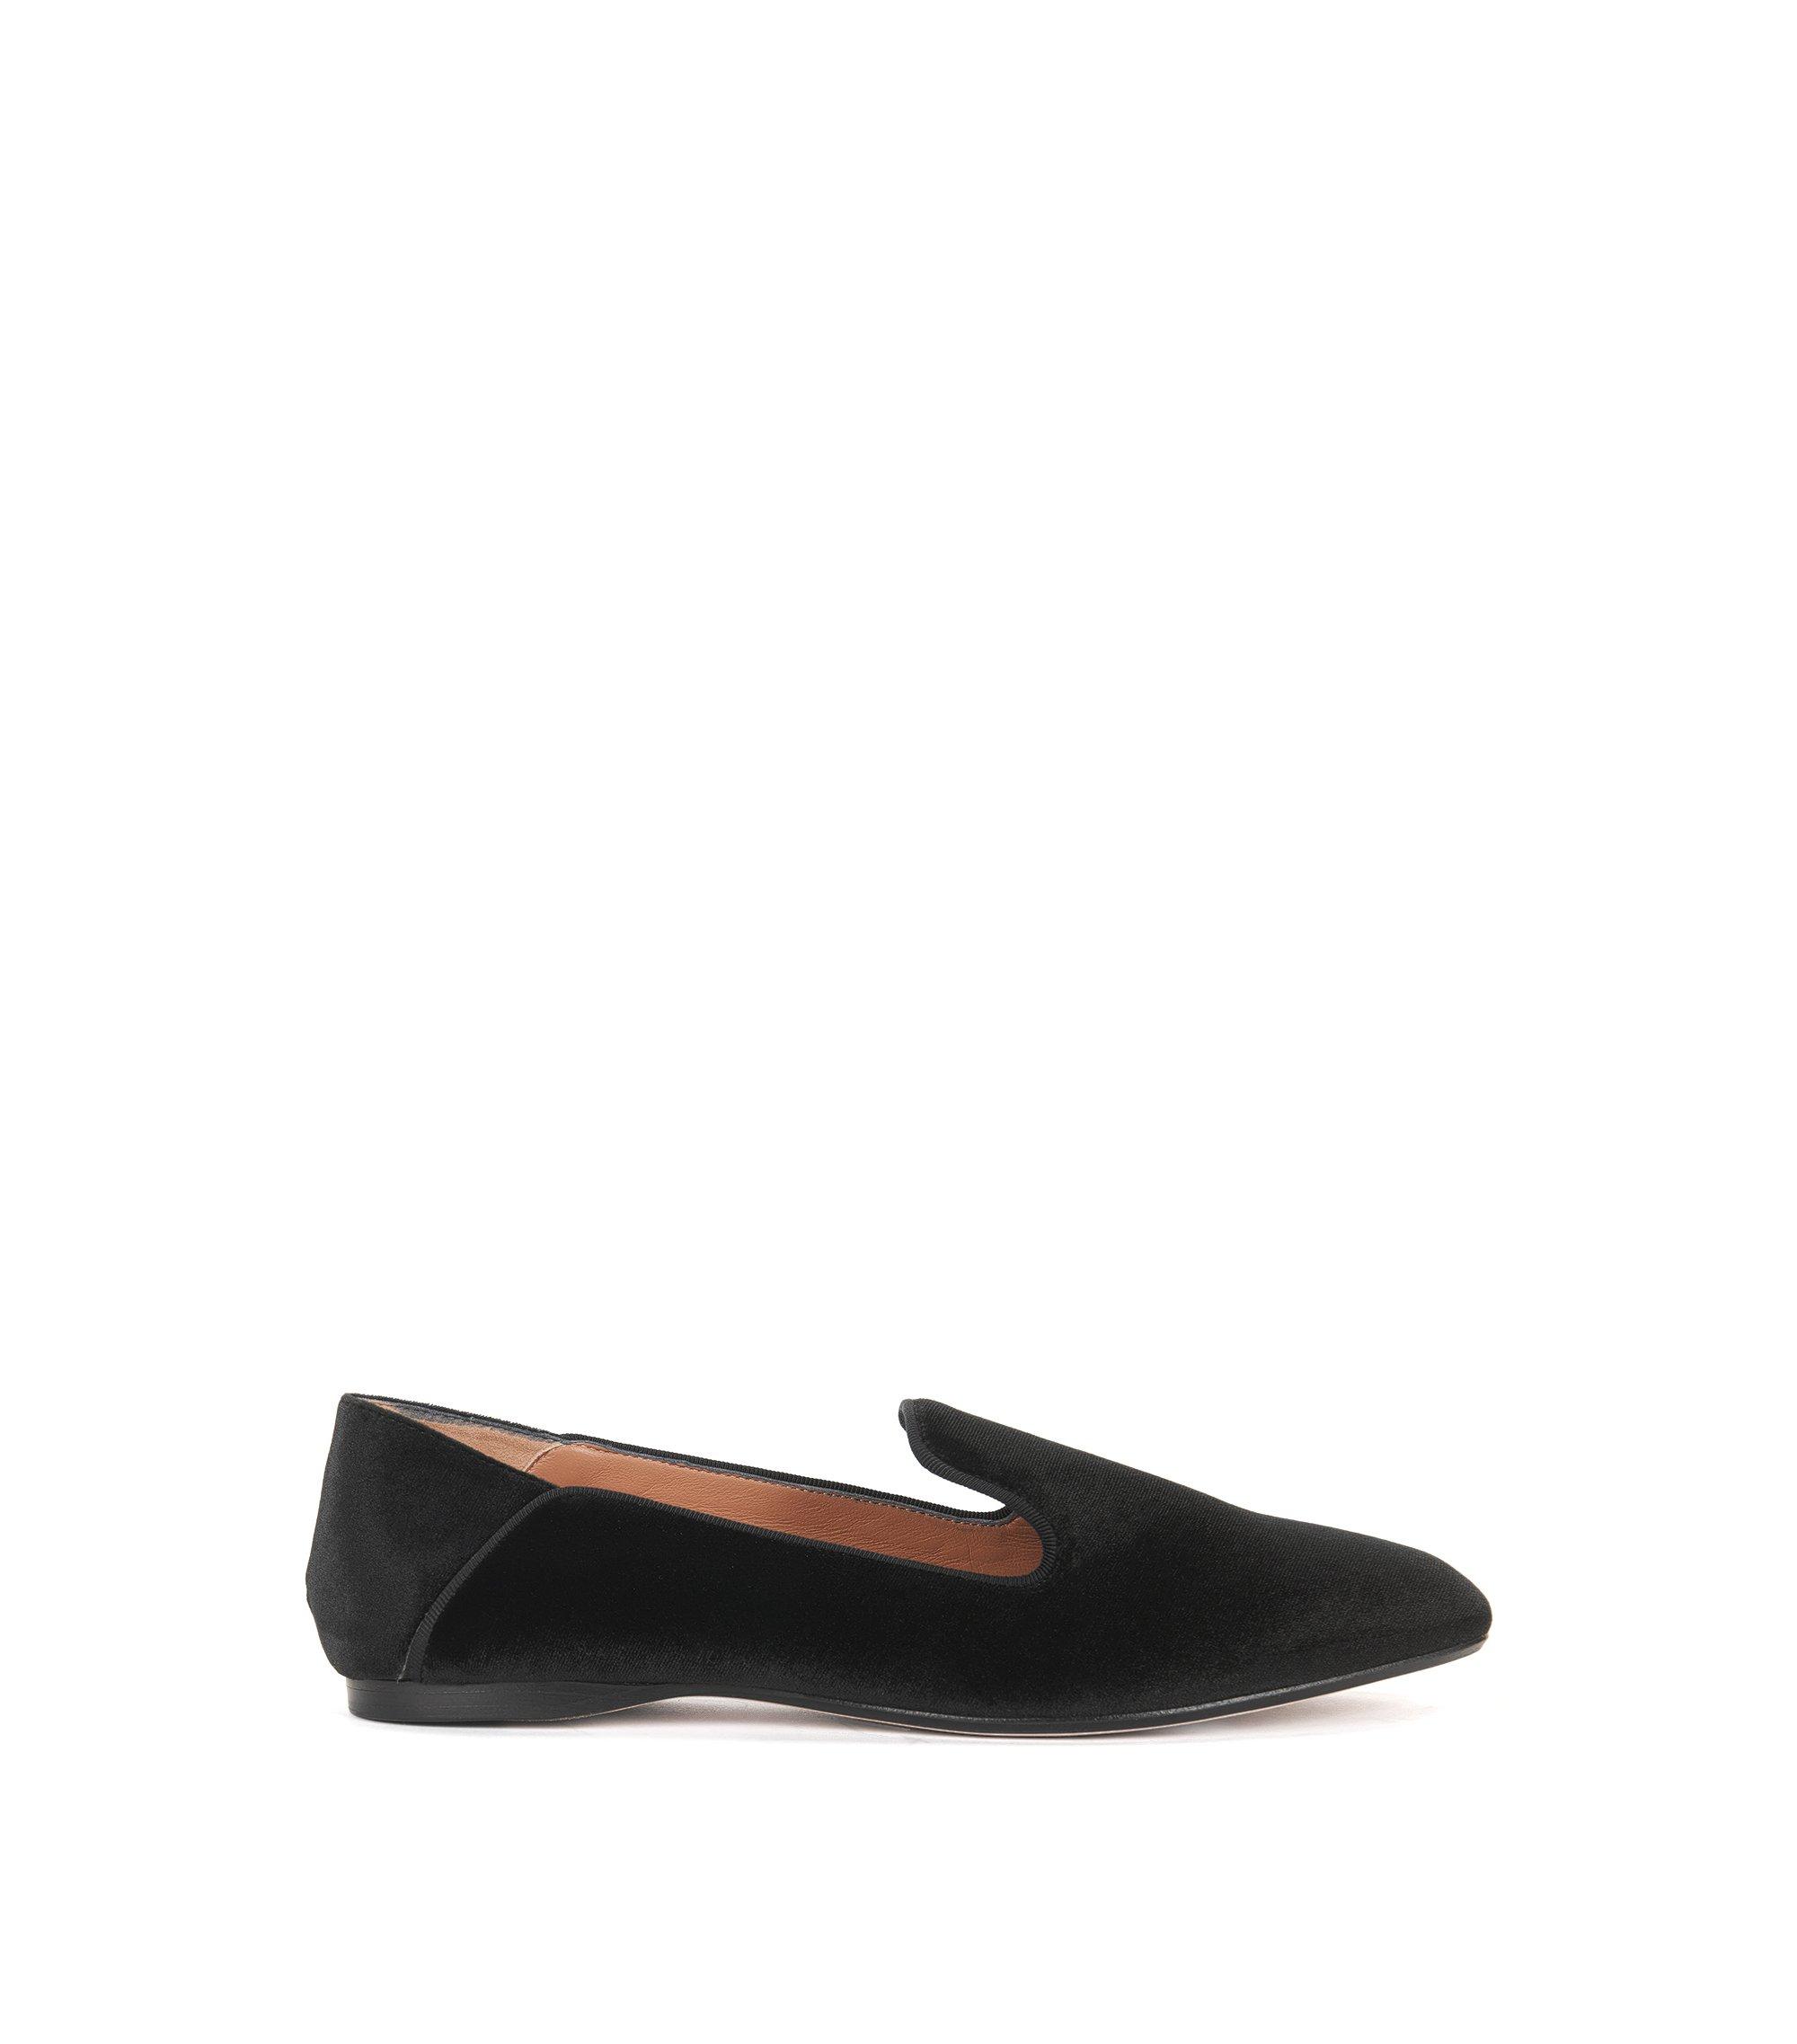 Italian Velvet Smoking Slipper | Modern Moccasin VT , Black